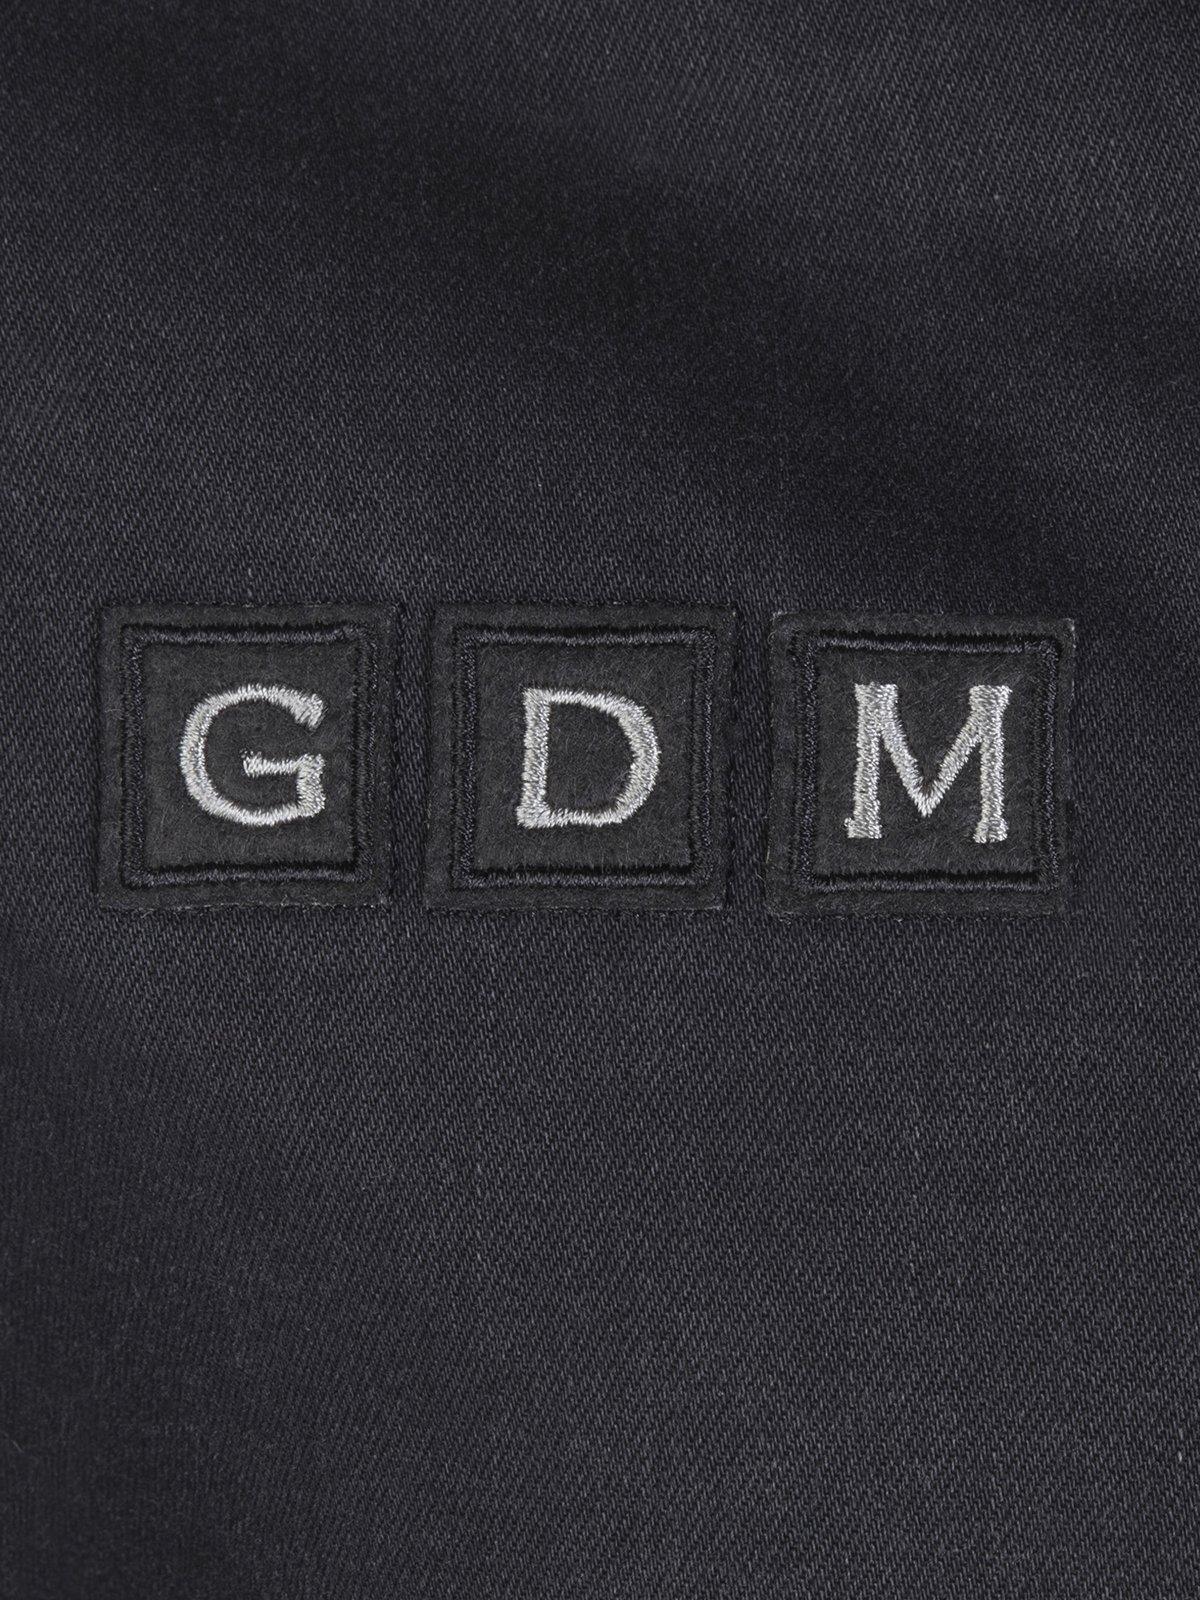 Куртка черная   3989675   фото 5